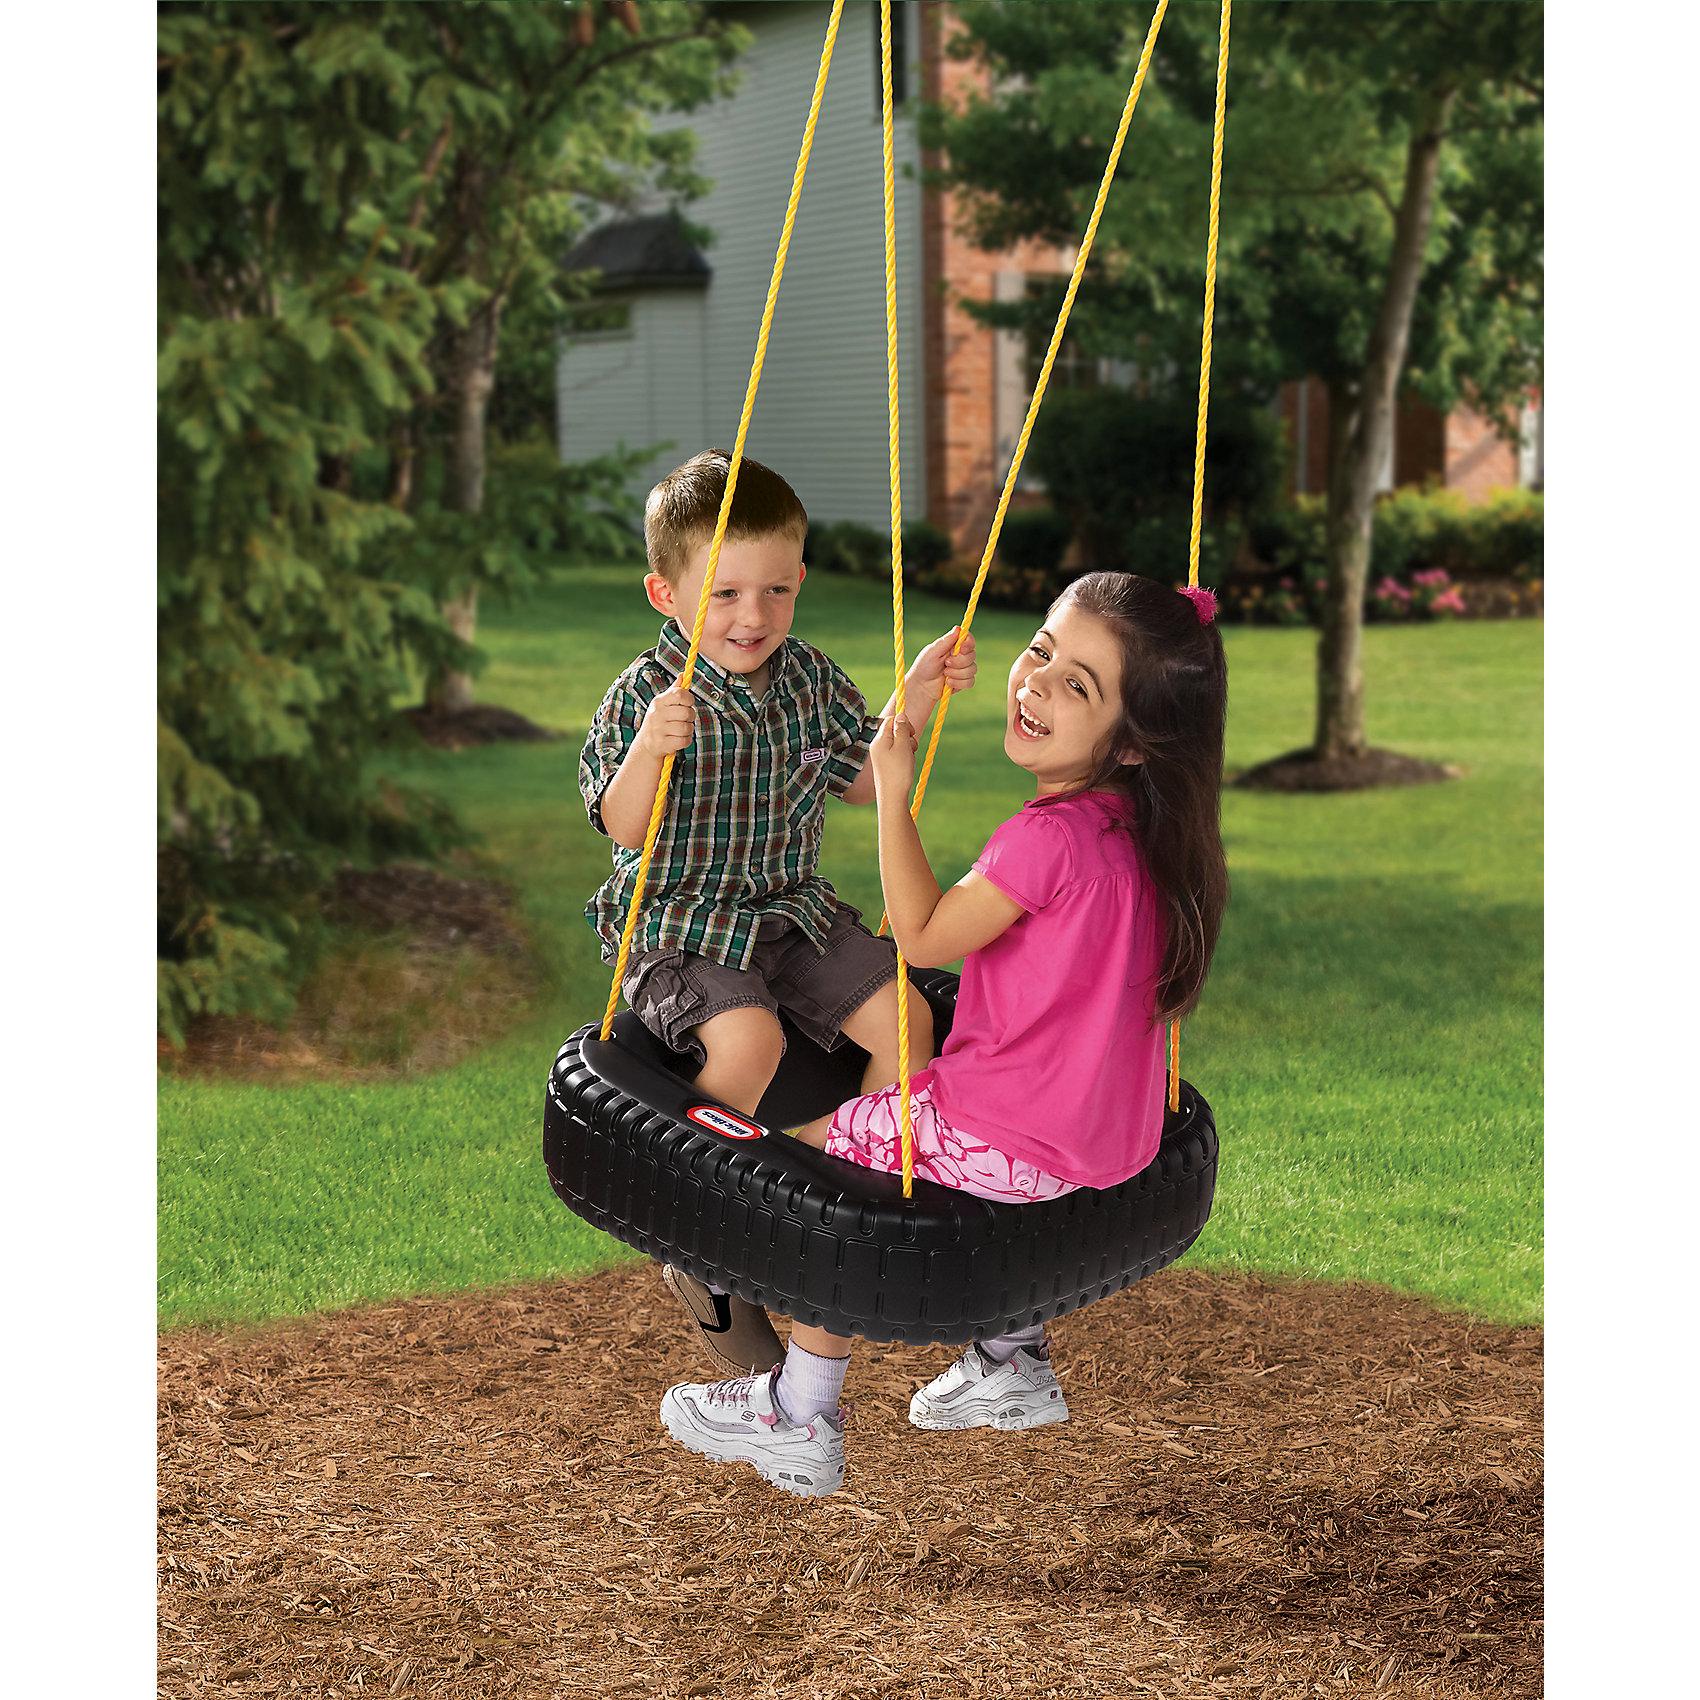 Сиденье для качелей, Little TikesОригинальное Сиденье для качелей, Little Tikes (Литтл Тайкс) выполнено в виде квадратной шины с отверстием внутри, куда можно свешивать ноги во время катания, подойдет для участка на даче или для помещения, если внутри есть возможность подвесить сиденье. <br><br>Характеристики:<br>-Широкое колесо способное вместить одновременно двое детей<br>-Длина веревок легко регулируется под рост ребенка<br>-Максимально допустимый вес ребенка 27 кг<br>-Качели просто крепятся, безопасны и прочны <br><br>Комплектация: сиденье, веревочные крепления<br><br>Дополнительная информация:<br>-Вес в упаковке: 3,2 кг<br>-Размеры в упаковке: 60х61х18 см<br>-Материалы: пластик, полипропилен (веревки)<br>-Размеры сиденья: 56x56x16см<br><br>Легкая конструкция, которая не требует сложной сборки и специальных креплений, станет прекрасным решением для организации активного отдыха Вашего ребенка и увлекательных игр с друзьями!<br><br>Сиденье для качелей, Little Tikes (Литтл Тайкс) можно купить в нашем магазине.<br><br>Ширина мм: 175<br>Глубина мм: 605<br>Высота мм: 605<br>Вес г: 3400<br>Возраст от месяцев: 36<br>Возраст до месяцев: 1164<br>Пол: Унисекс<br>Возраст: Детский<br>SKU: 1980717